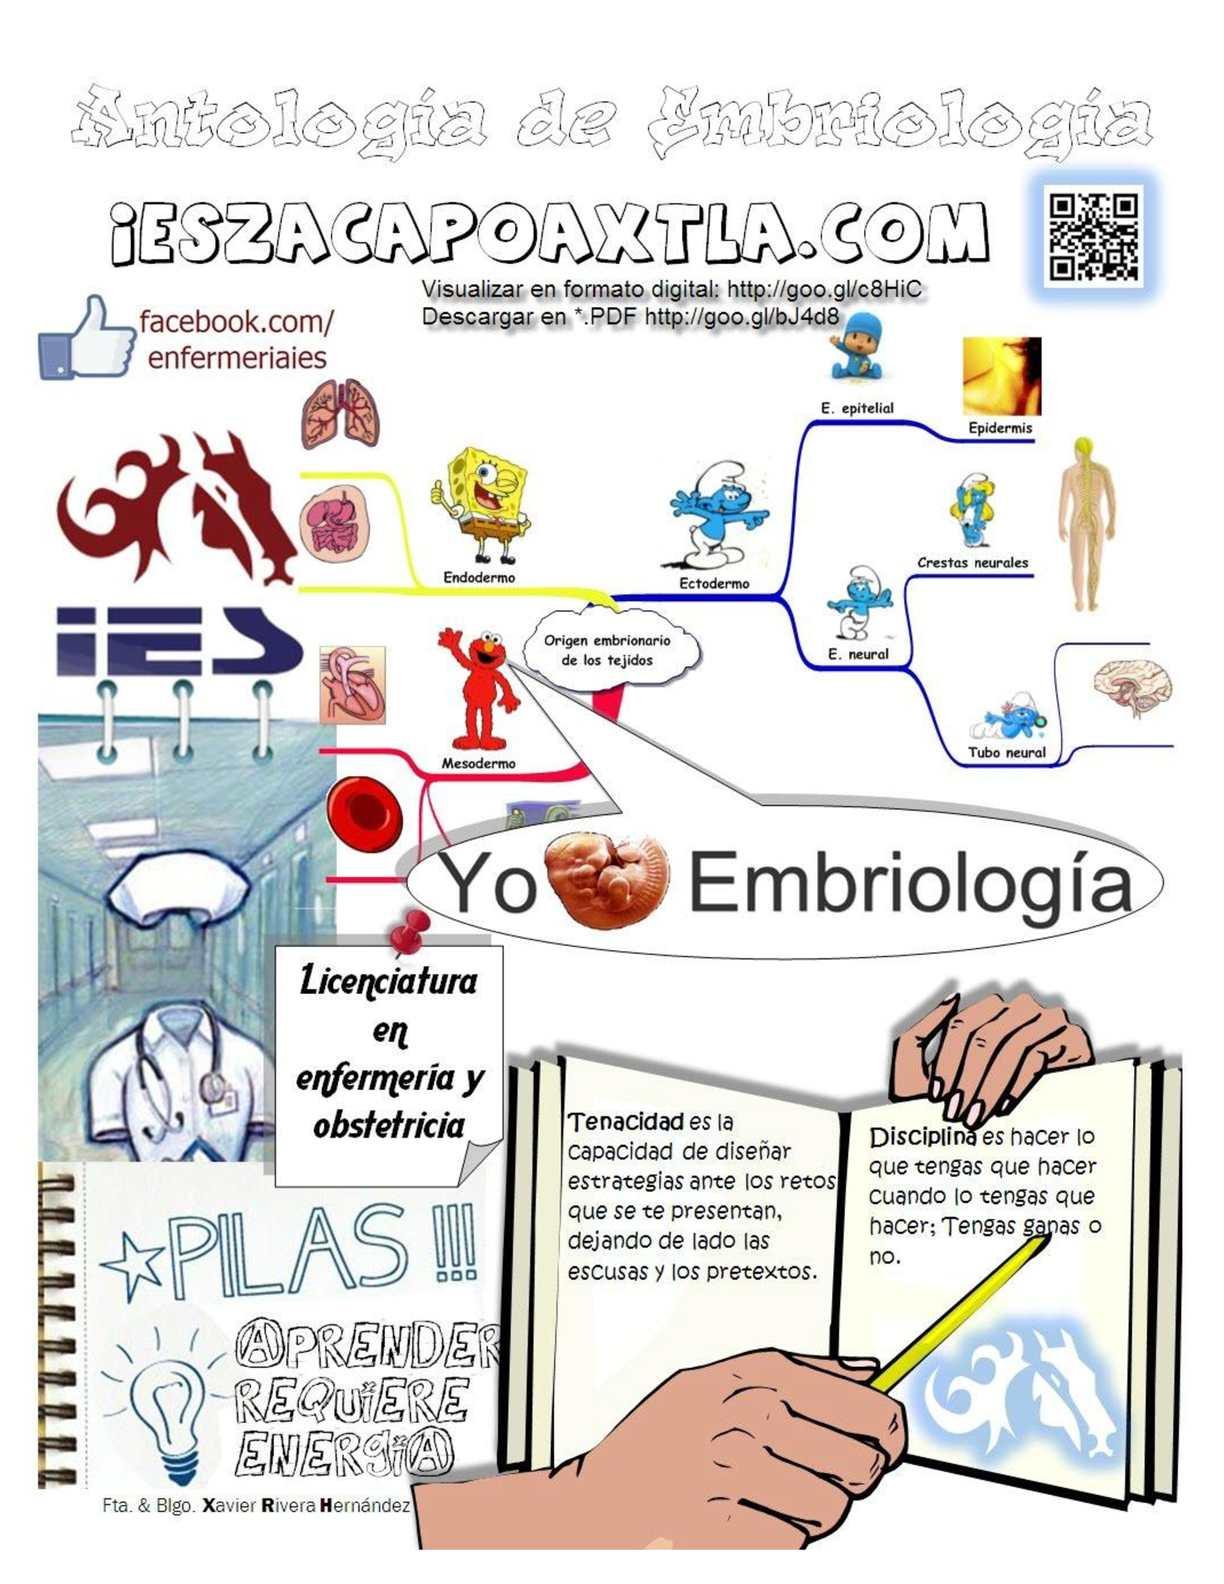 Calaméo - Antología del curso de embriología Enfermería IES Zacapoaxtla